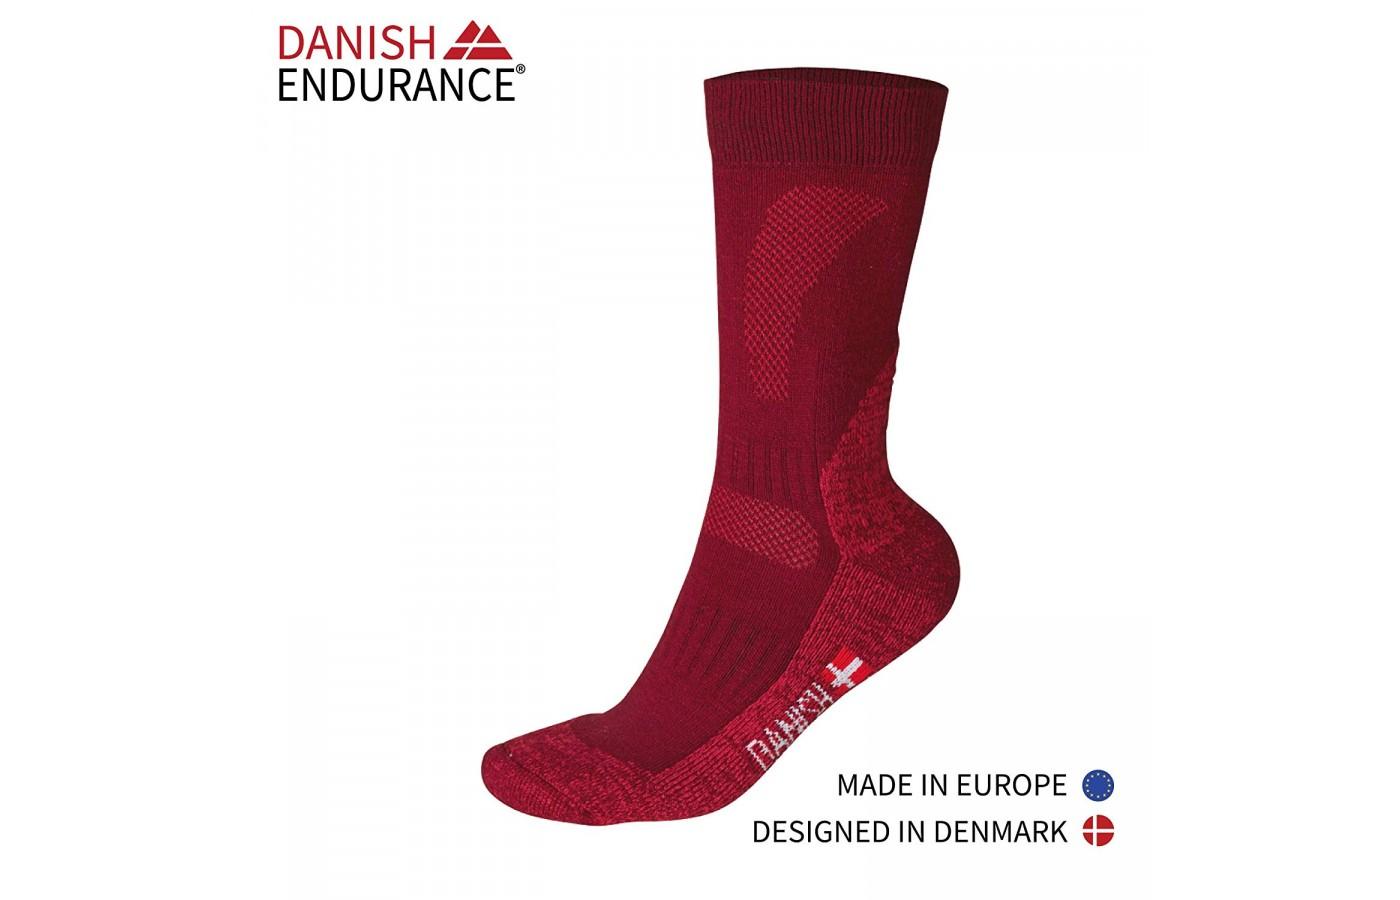 danish endurance red